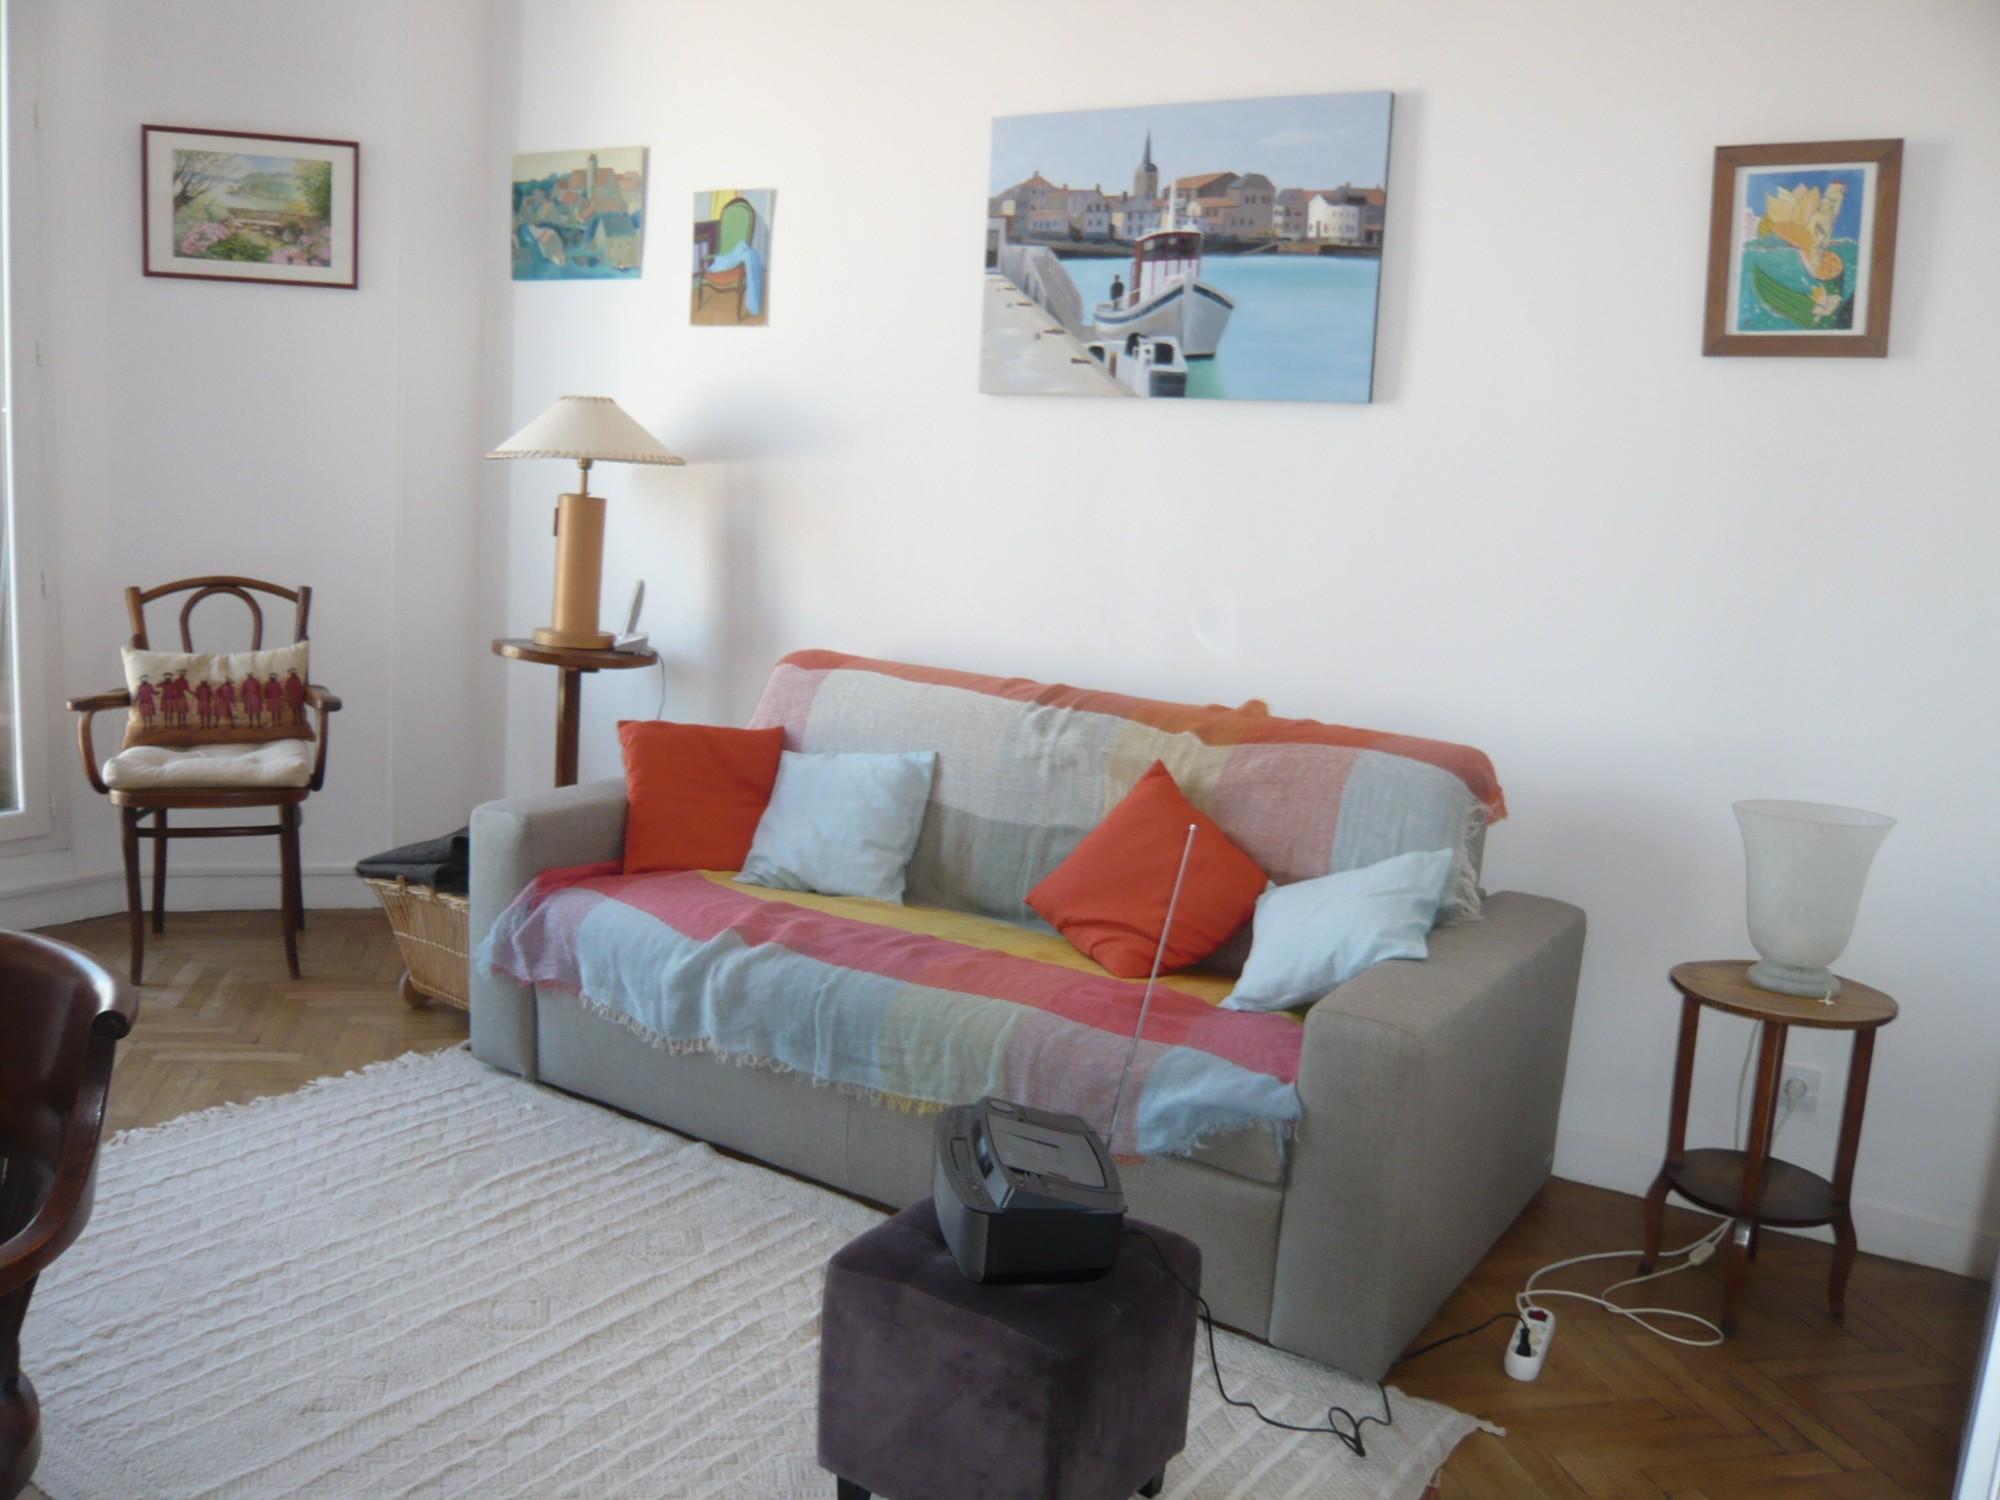 Vente   T3 Marseille 13007 Quartier Saint Victor Belles prestations, traversant, vue dégagée, proximité centre ville et Vieux Port